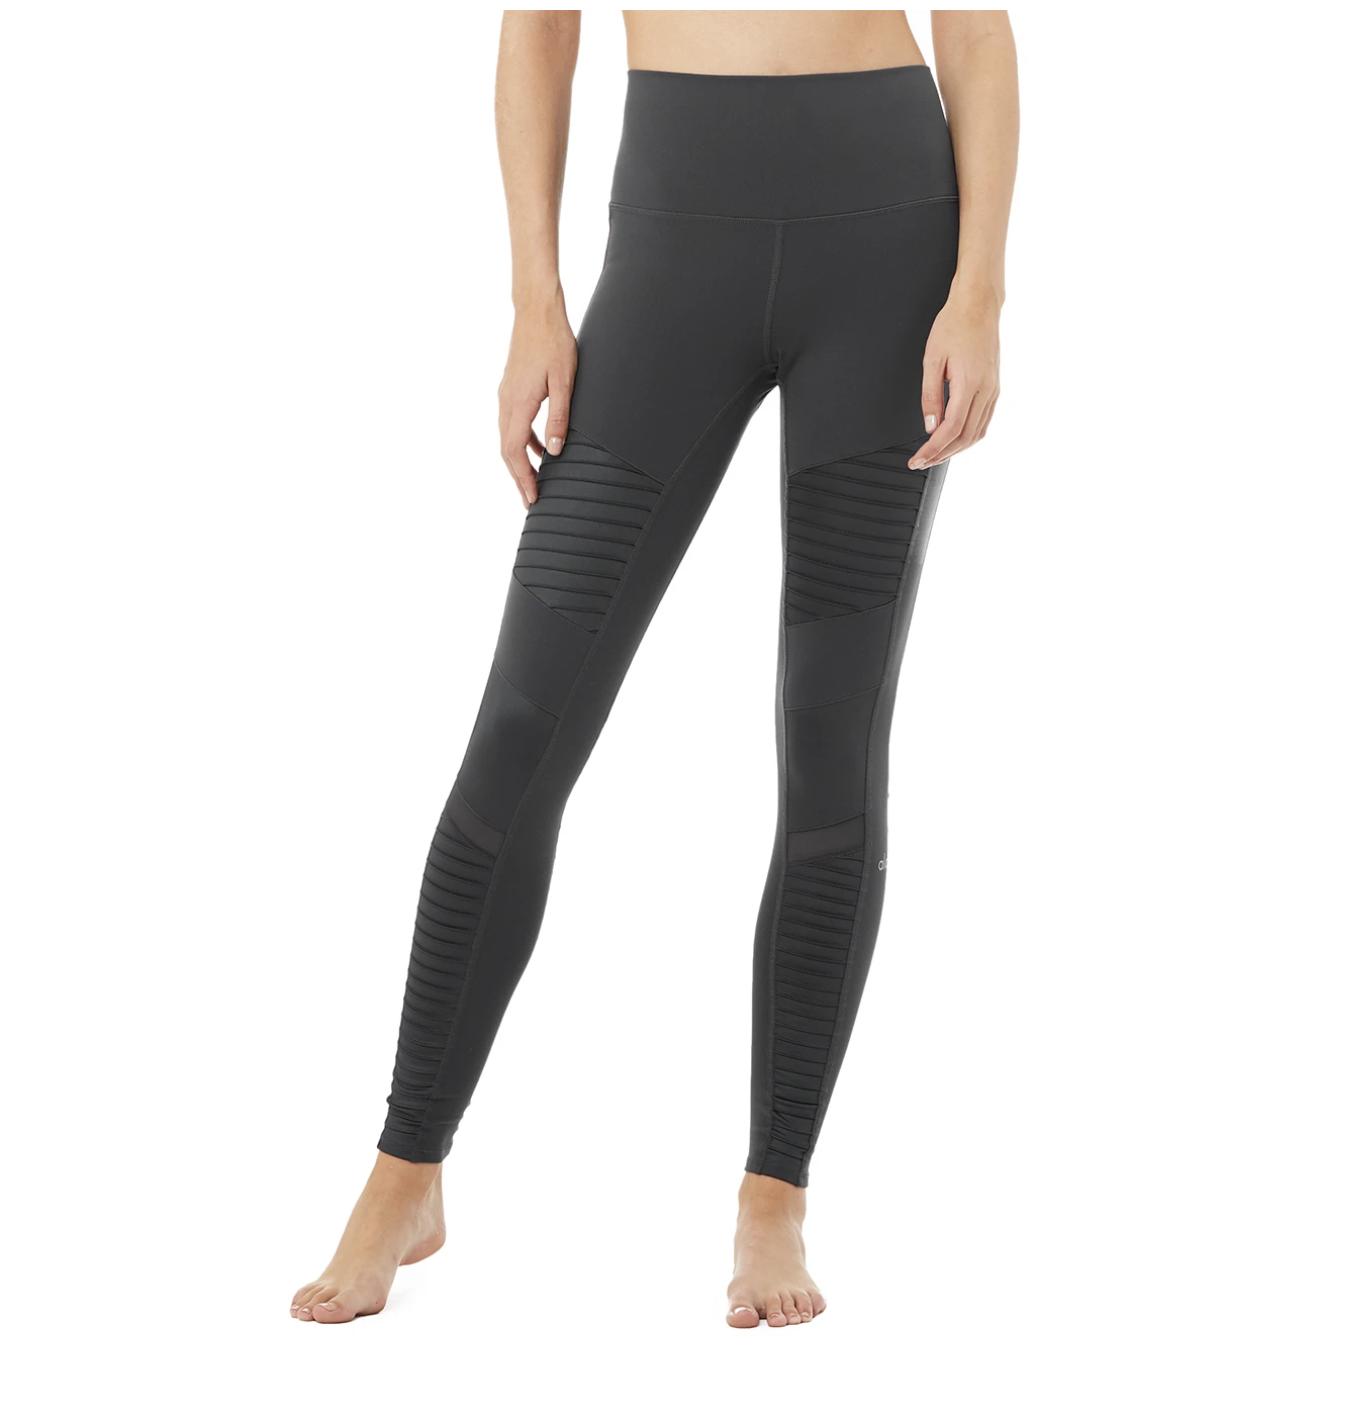 alo yoga high waist leggings